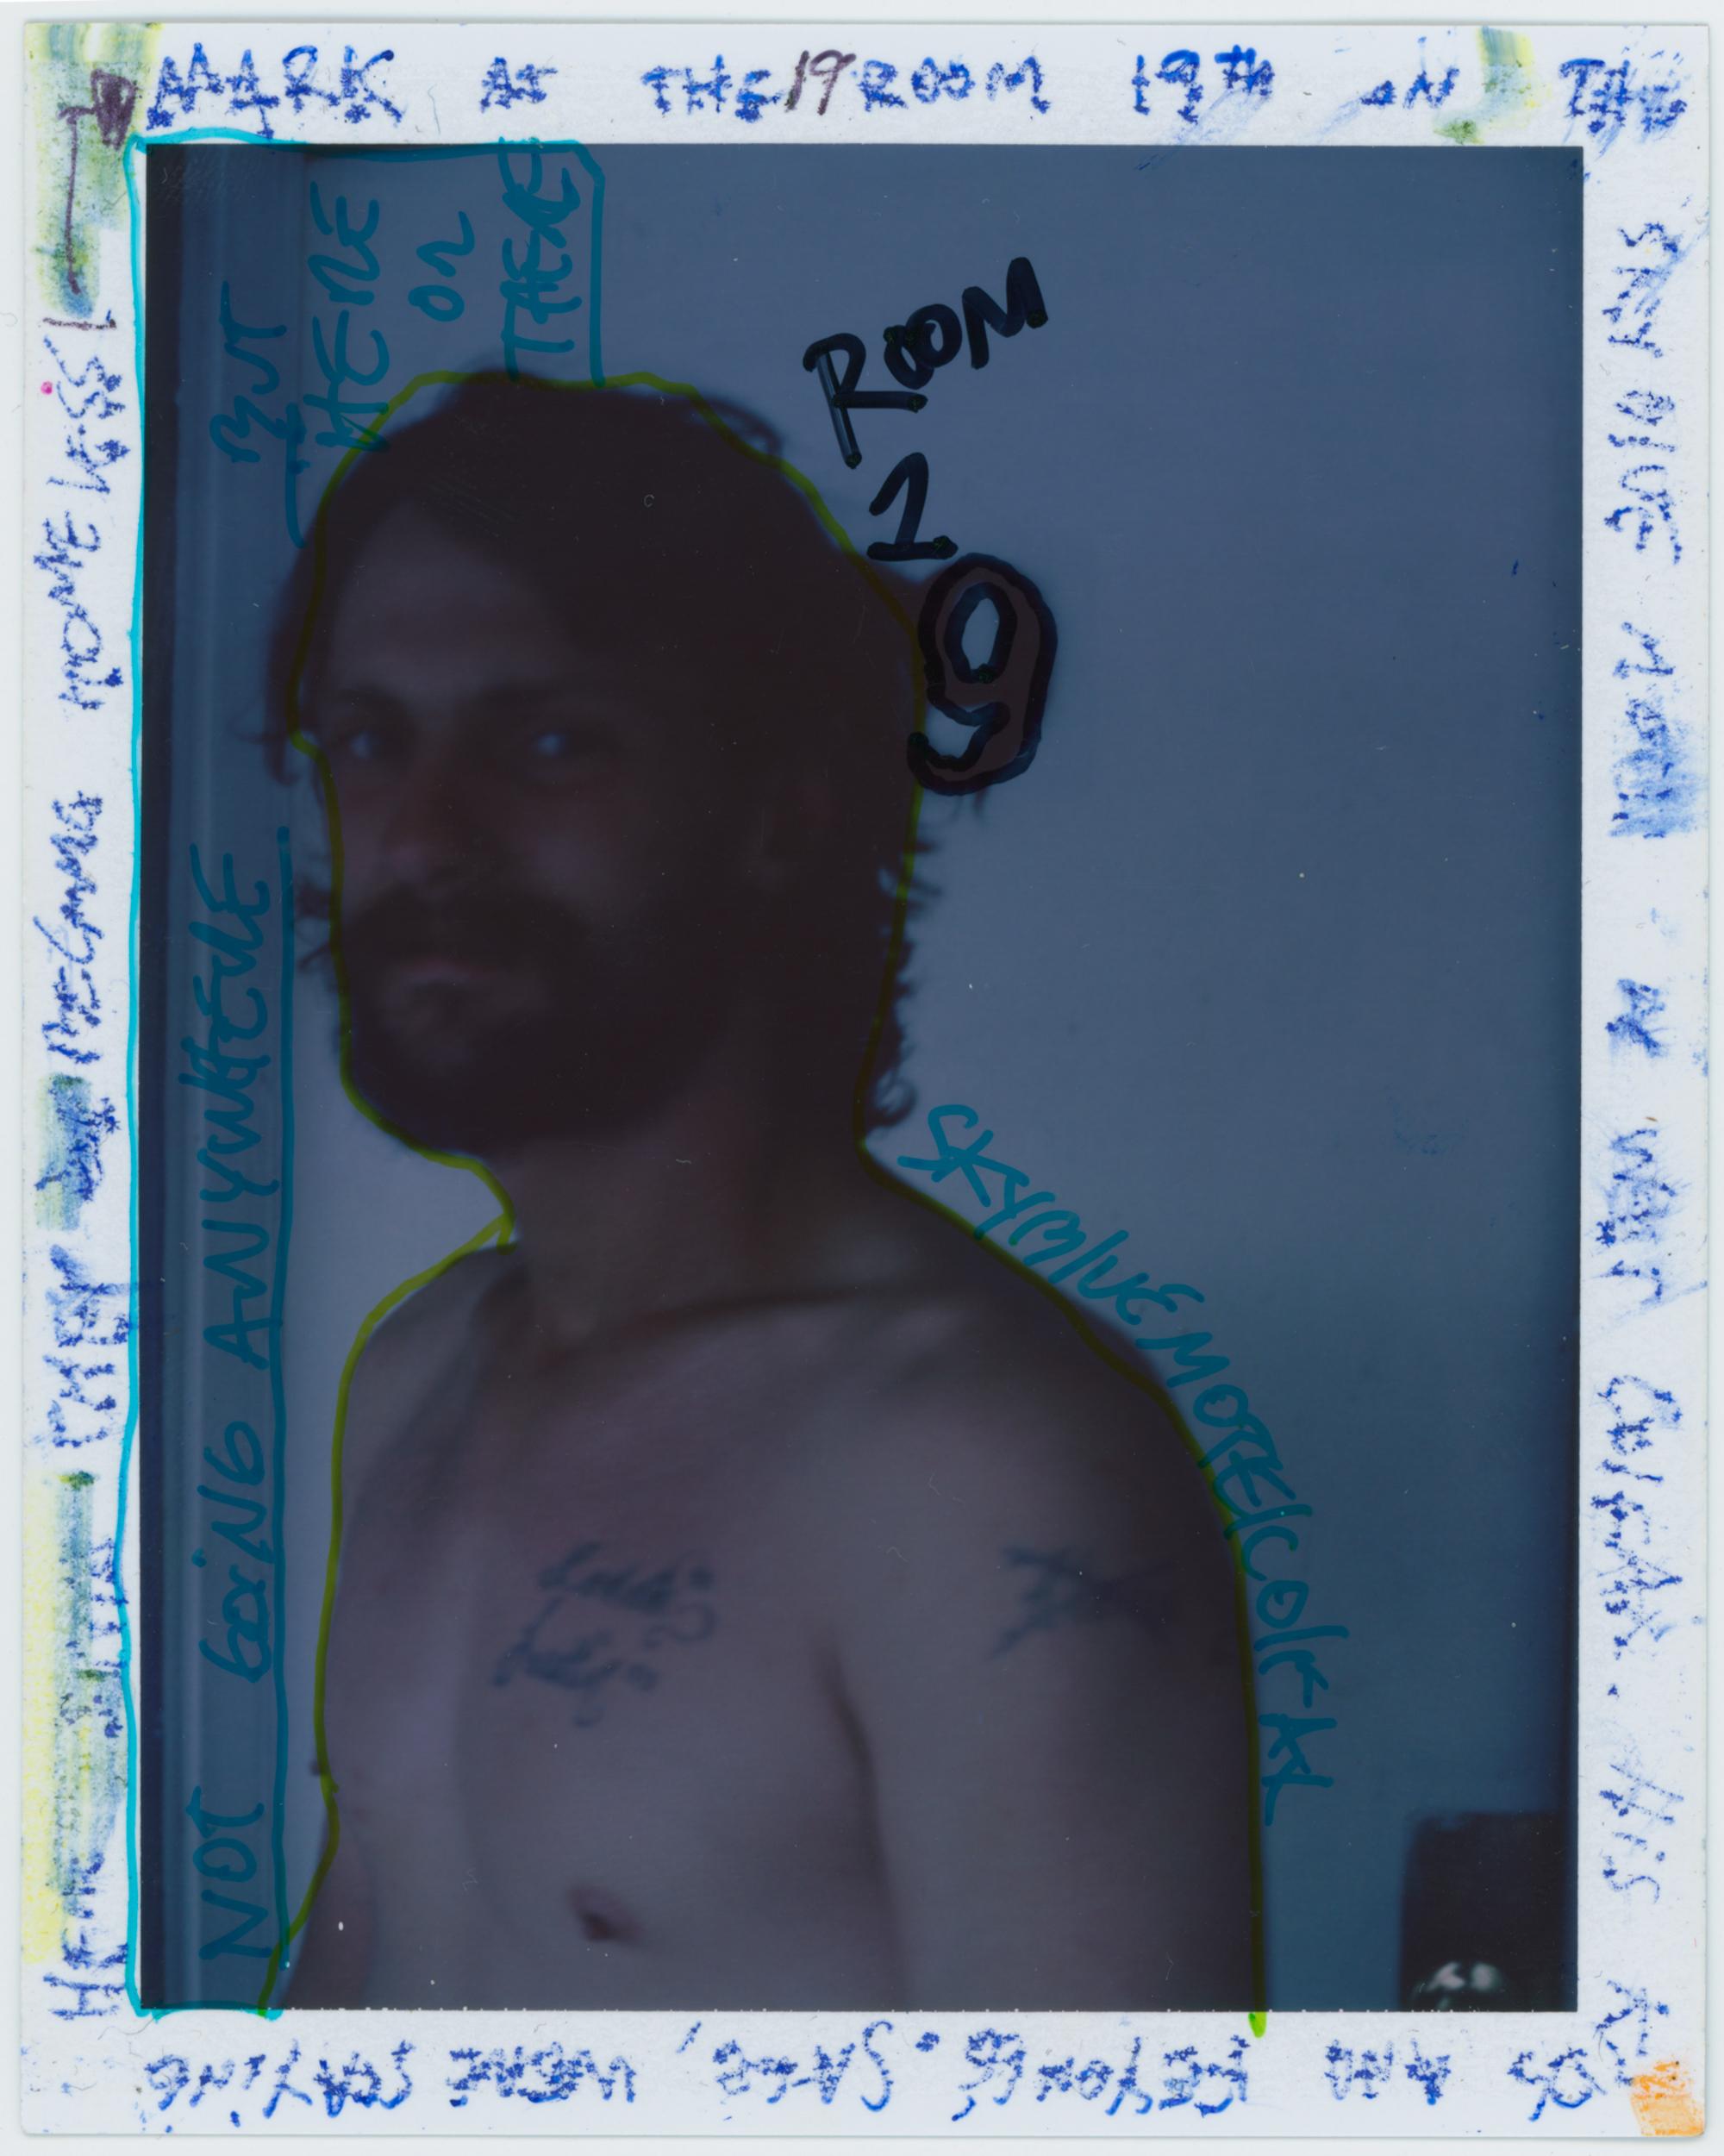 colfax 2001.jpg